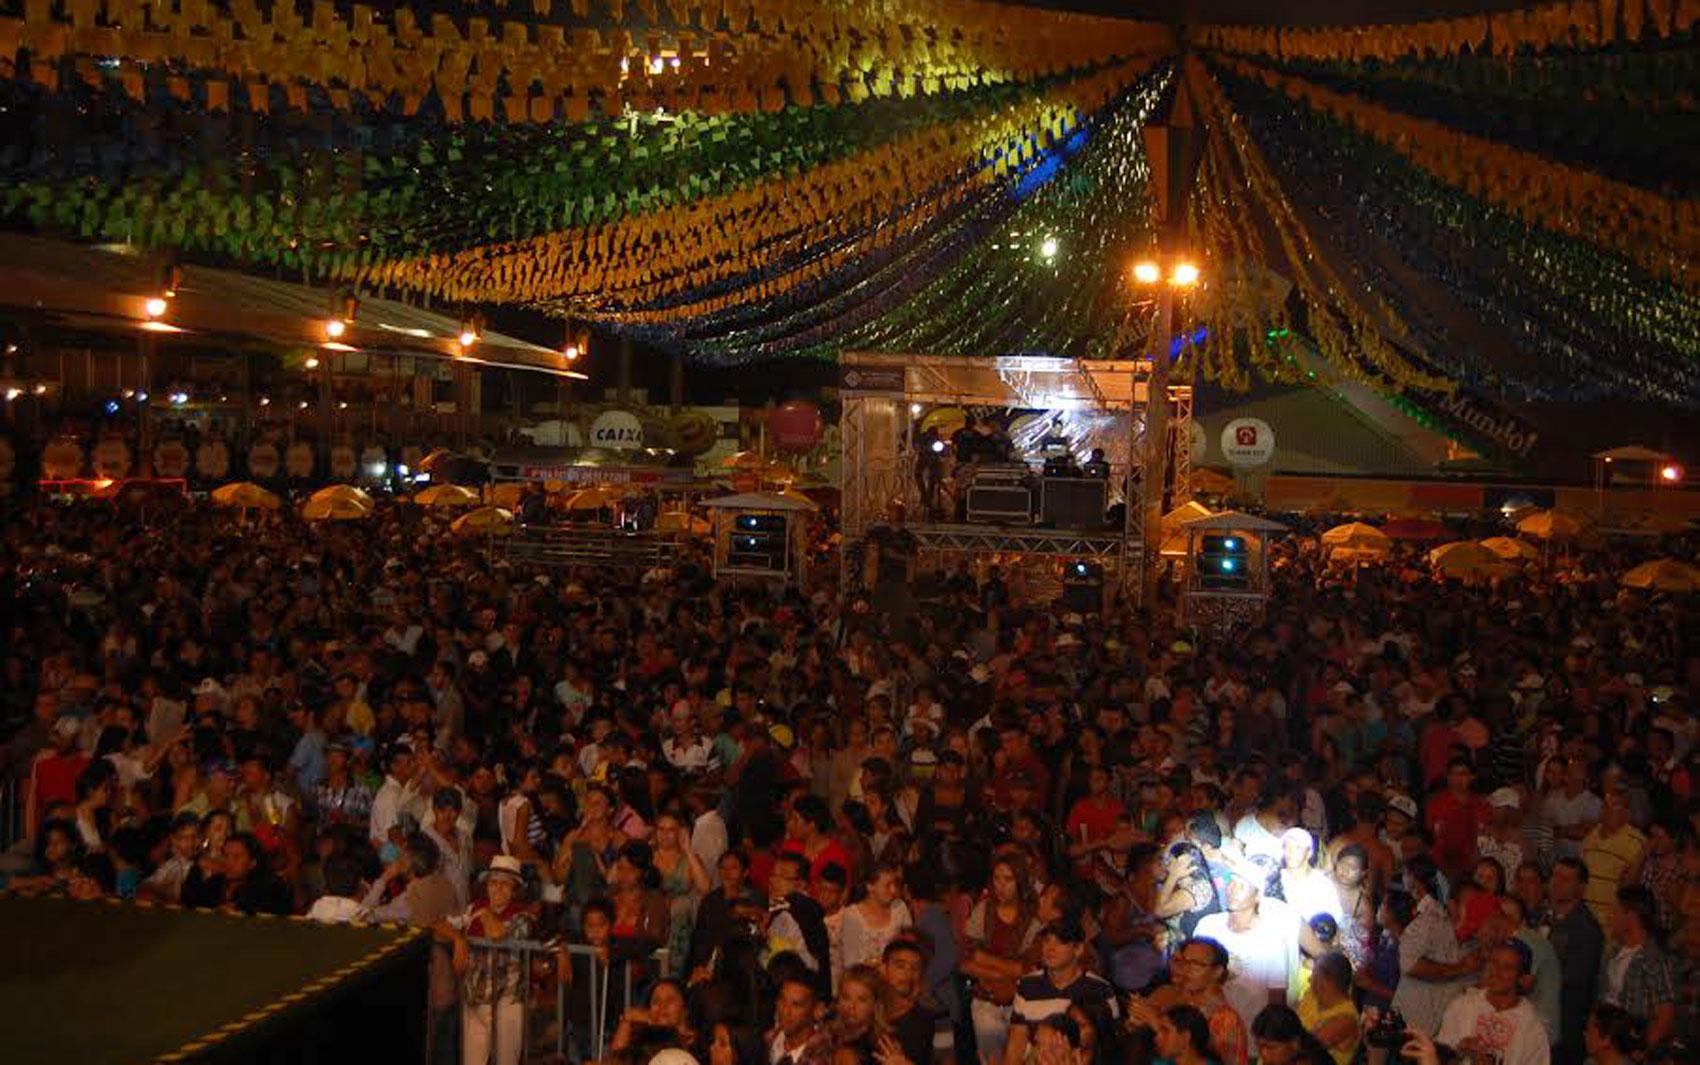 Abertura do Maior São João do Mundo contou com grande presença de público em Campina Grande